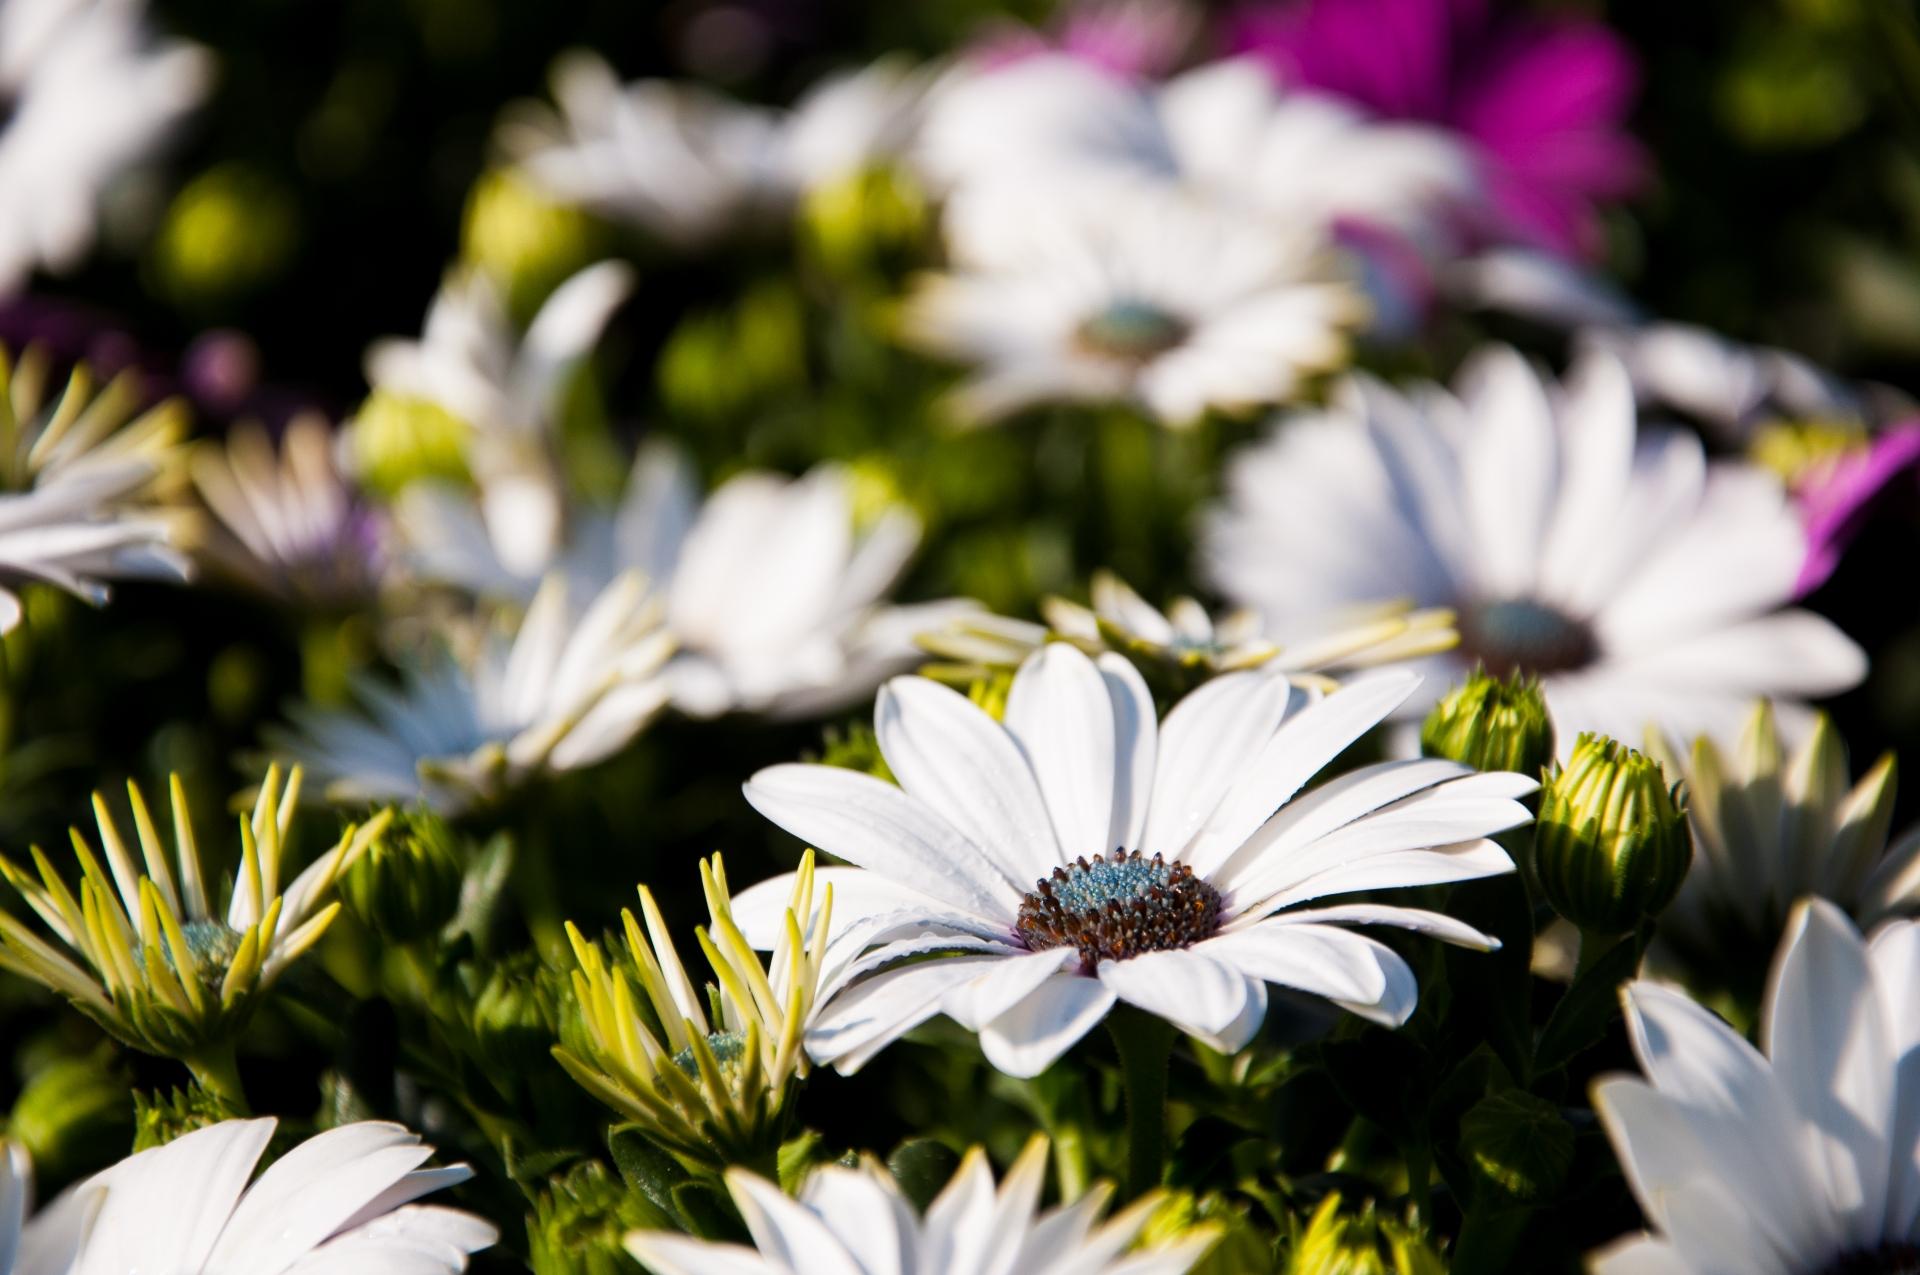 ガーデン用品屋さんの花図鑑 ディモルフォセカ